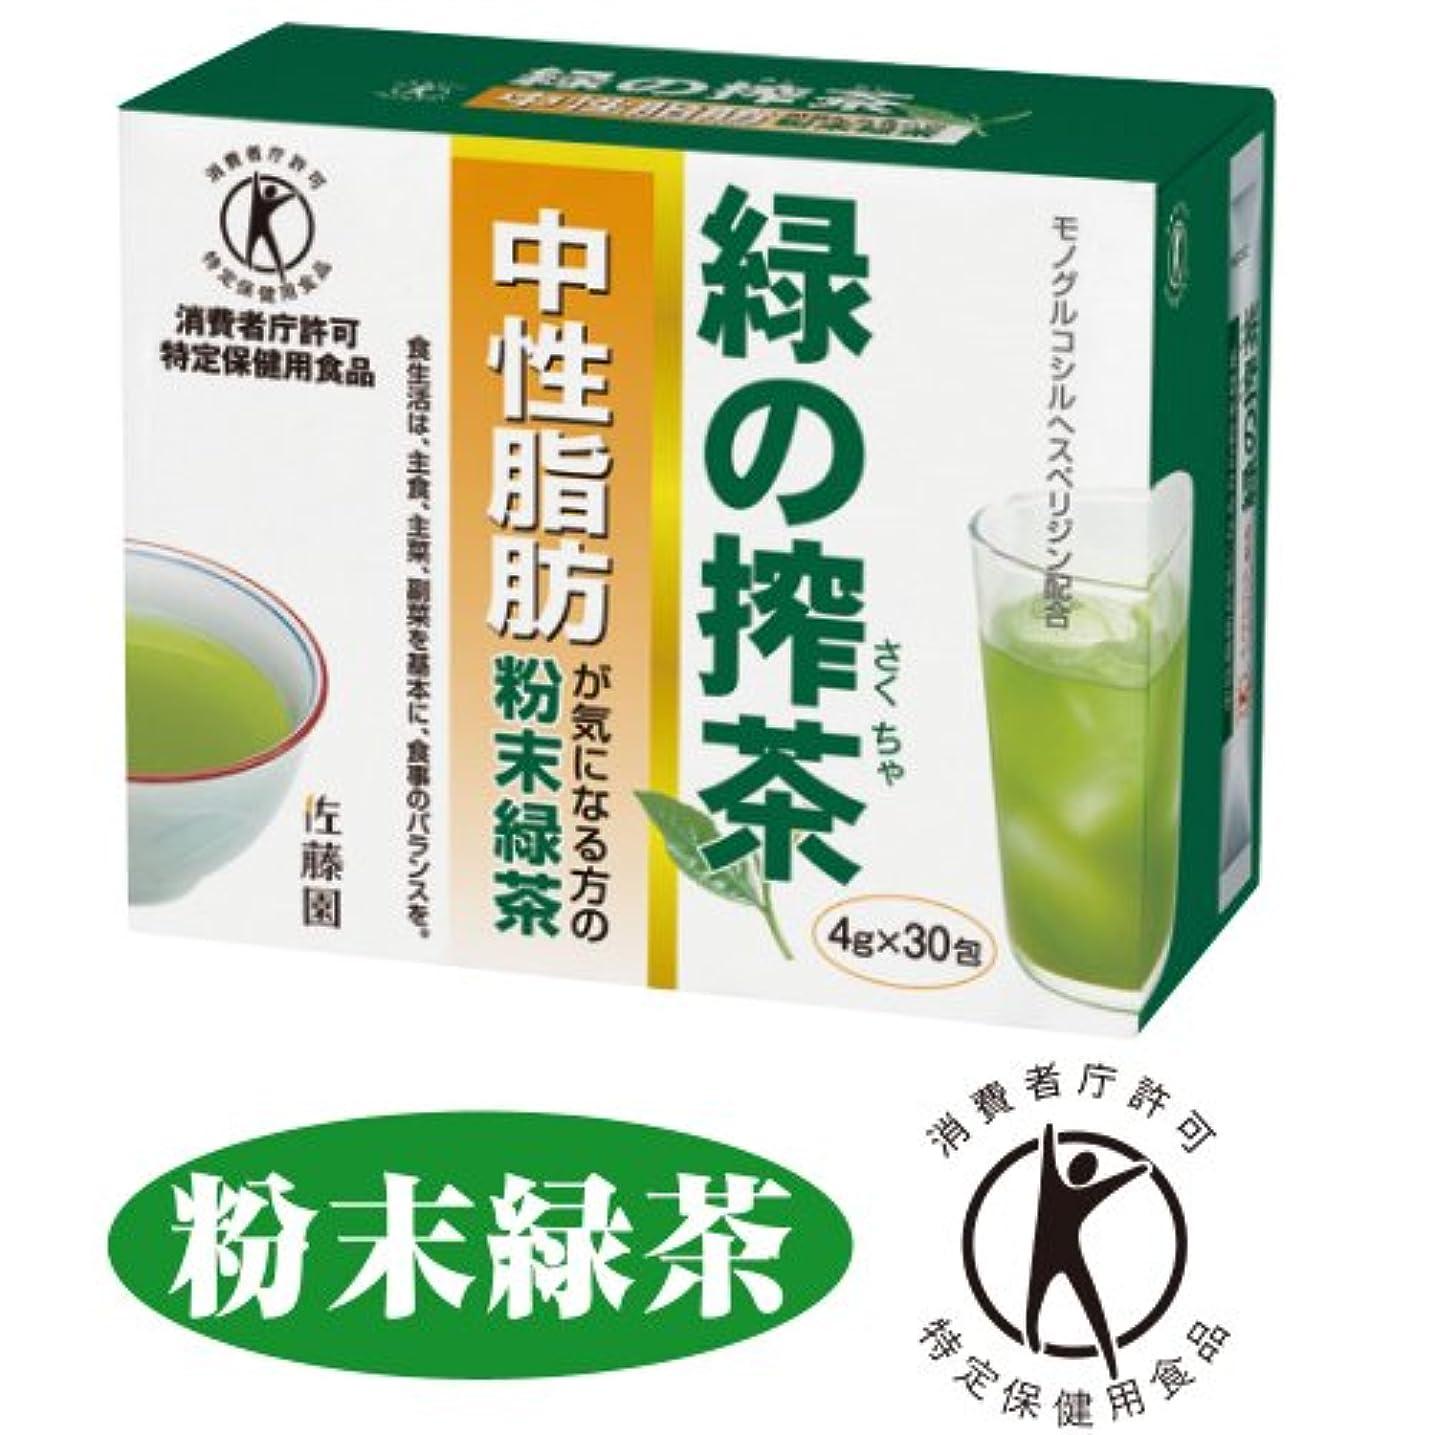 うなずく引く恩赦佐藤園のトクホのお茶 緑の搾茶(中性脂肪) 30包 [特定保健用食品]